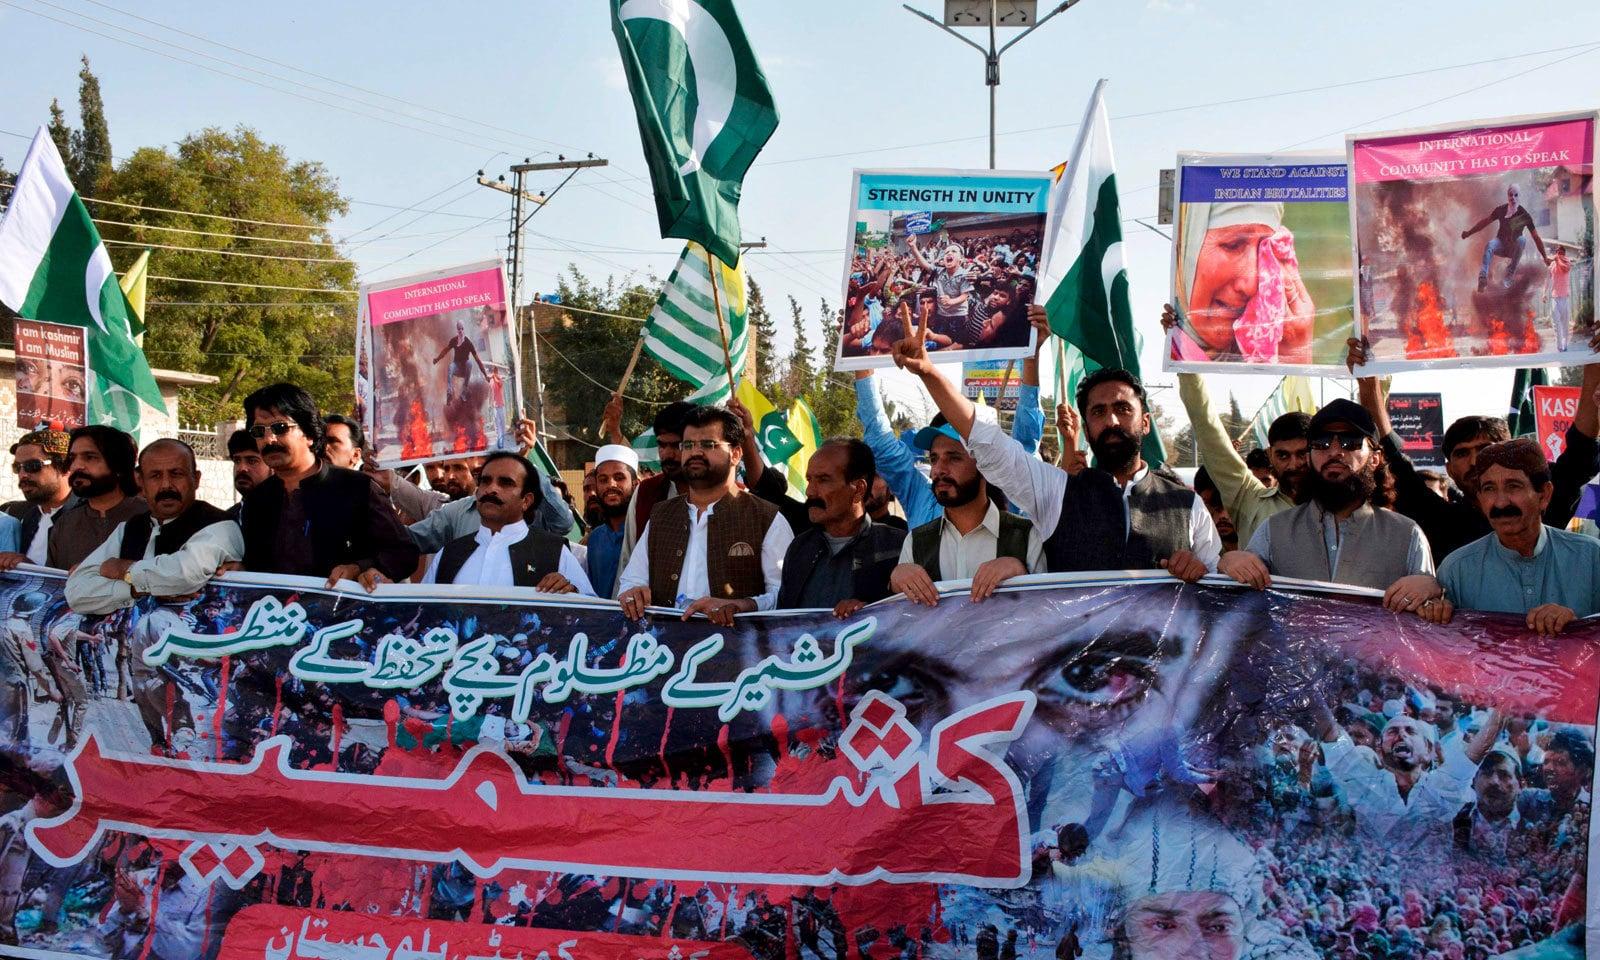 کوئٹہ میں احتجاج کے دوران شرکا نے مقبوضہ کشمیر کے عوام سے اظہار یکجہتی کیلئے پلے کارڈز اٹھا رکھے ہیں — فوٹو: اے ایف پی